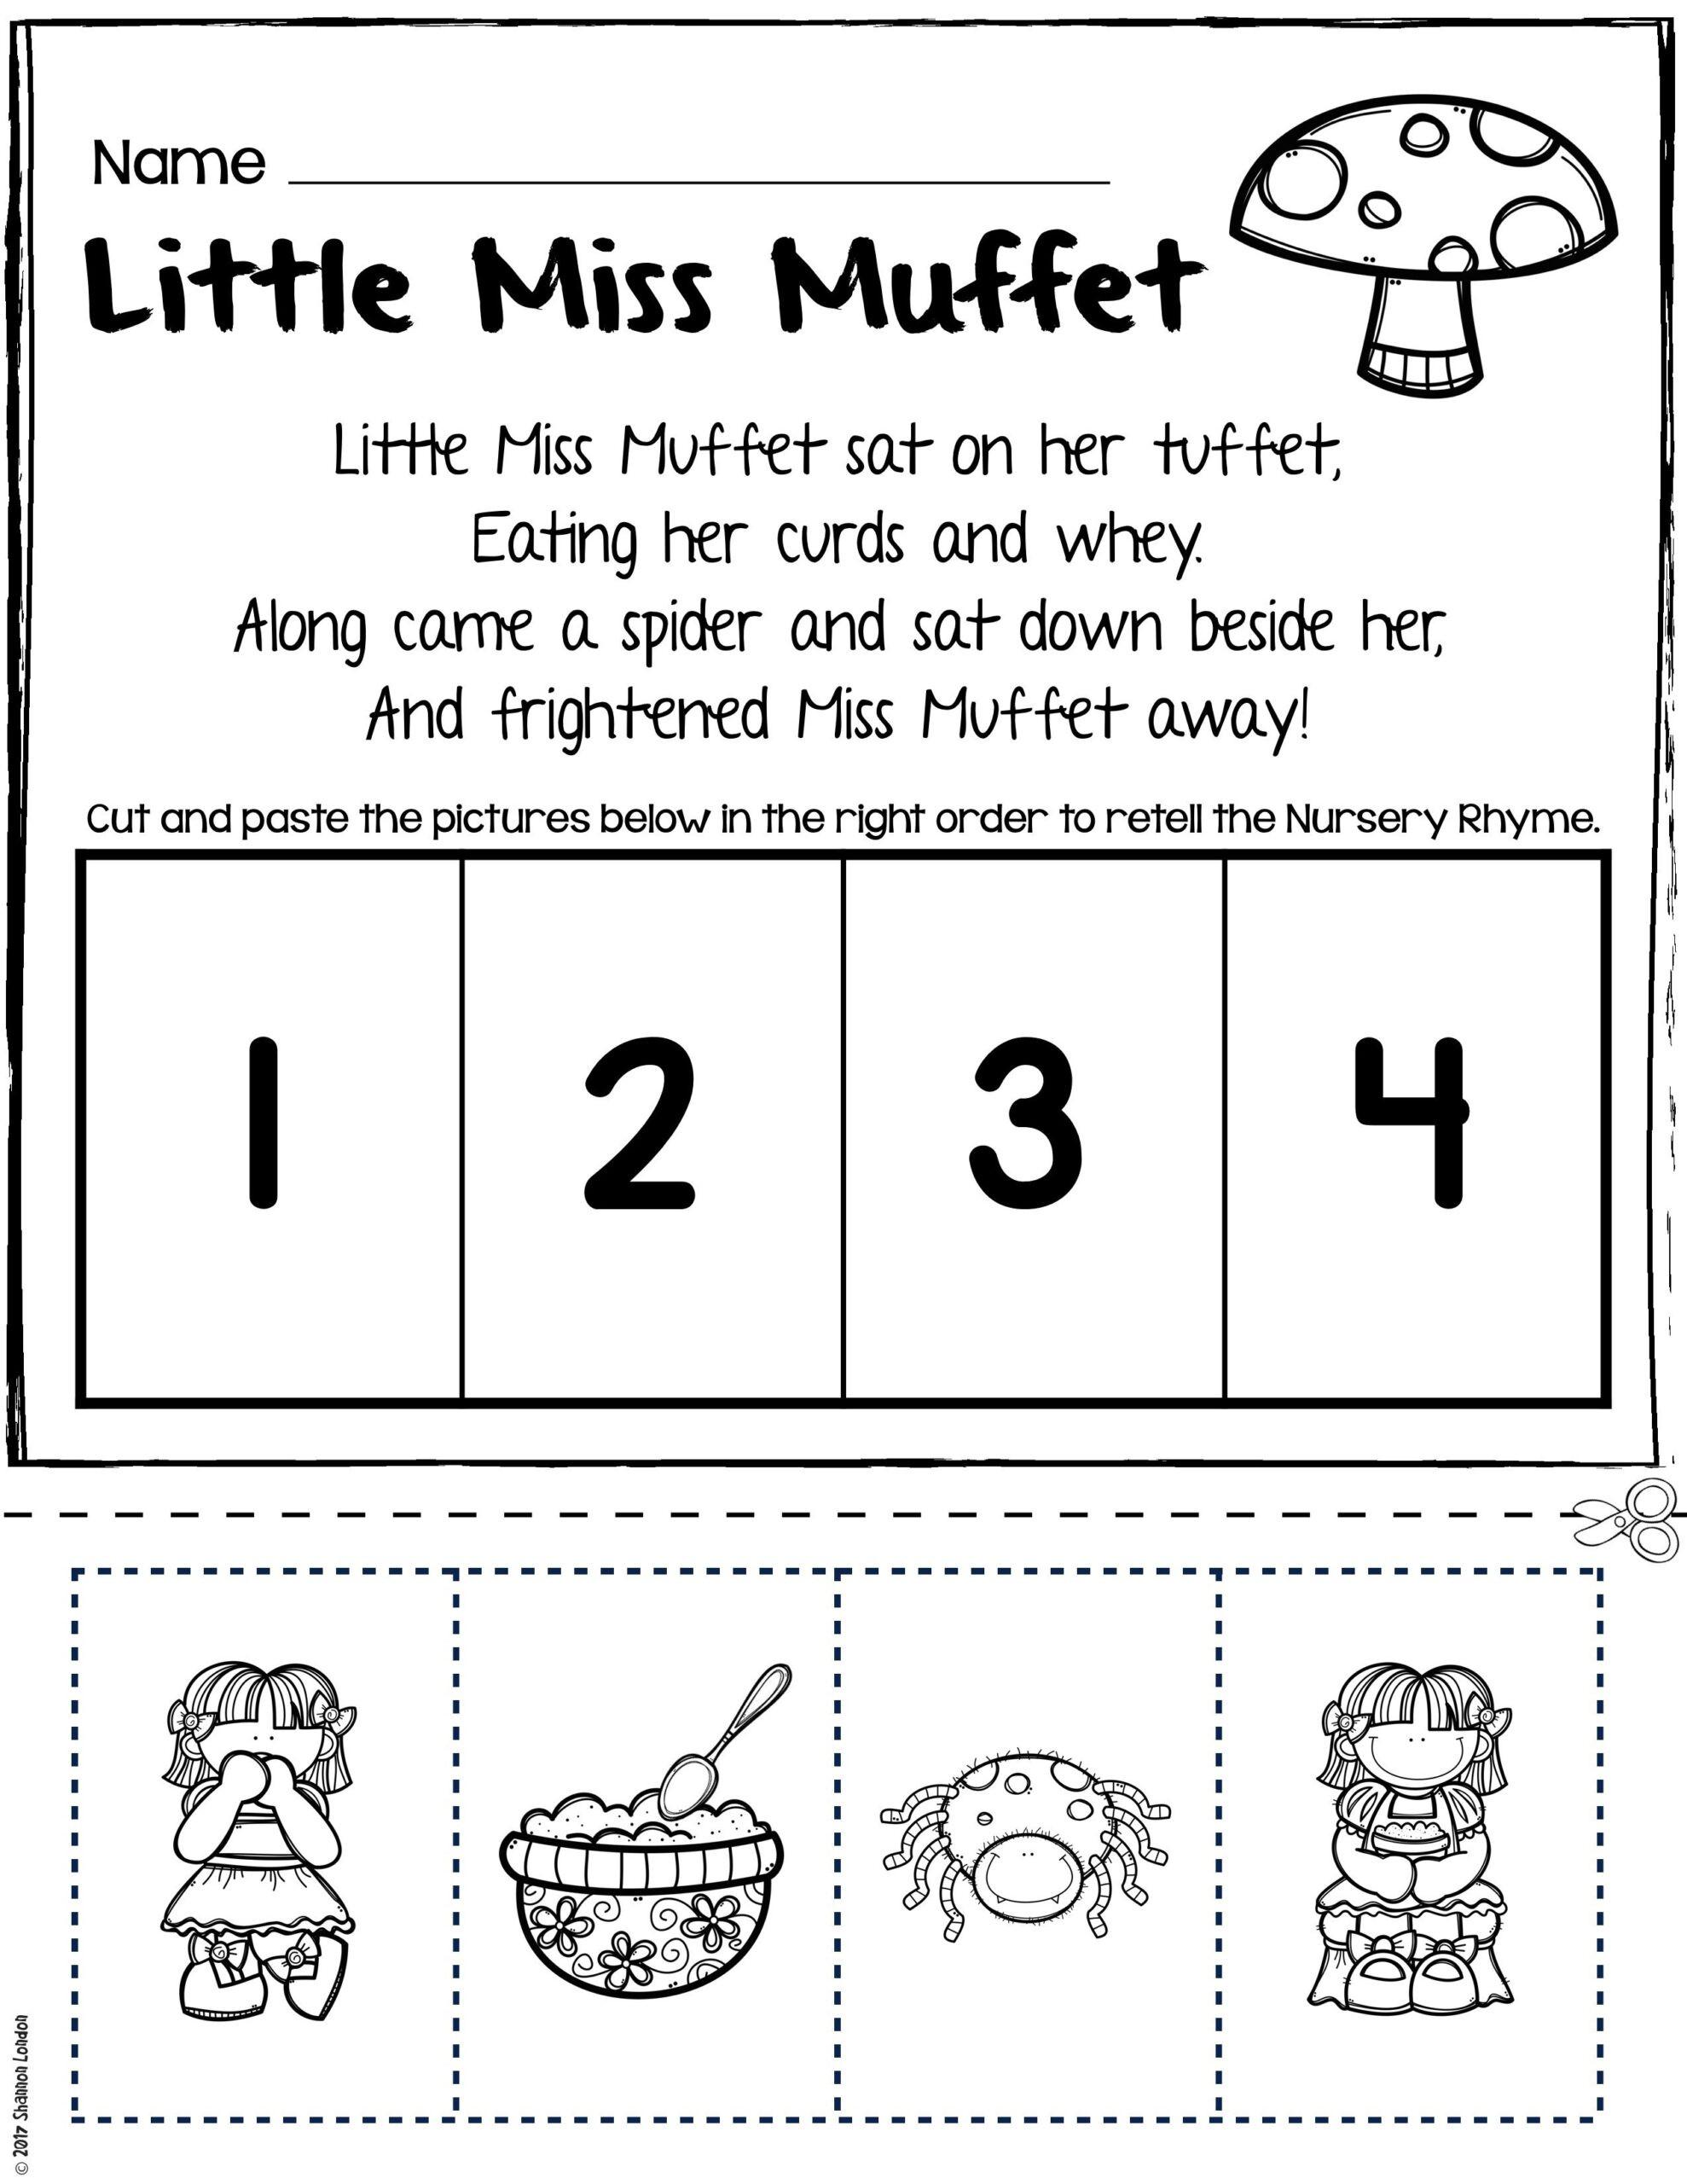 Free Rhyming Worksheets for Kindergarten Rhyming Printables for Preschool Worksheet